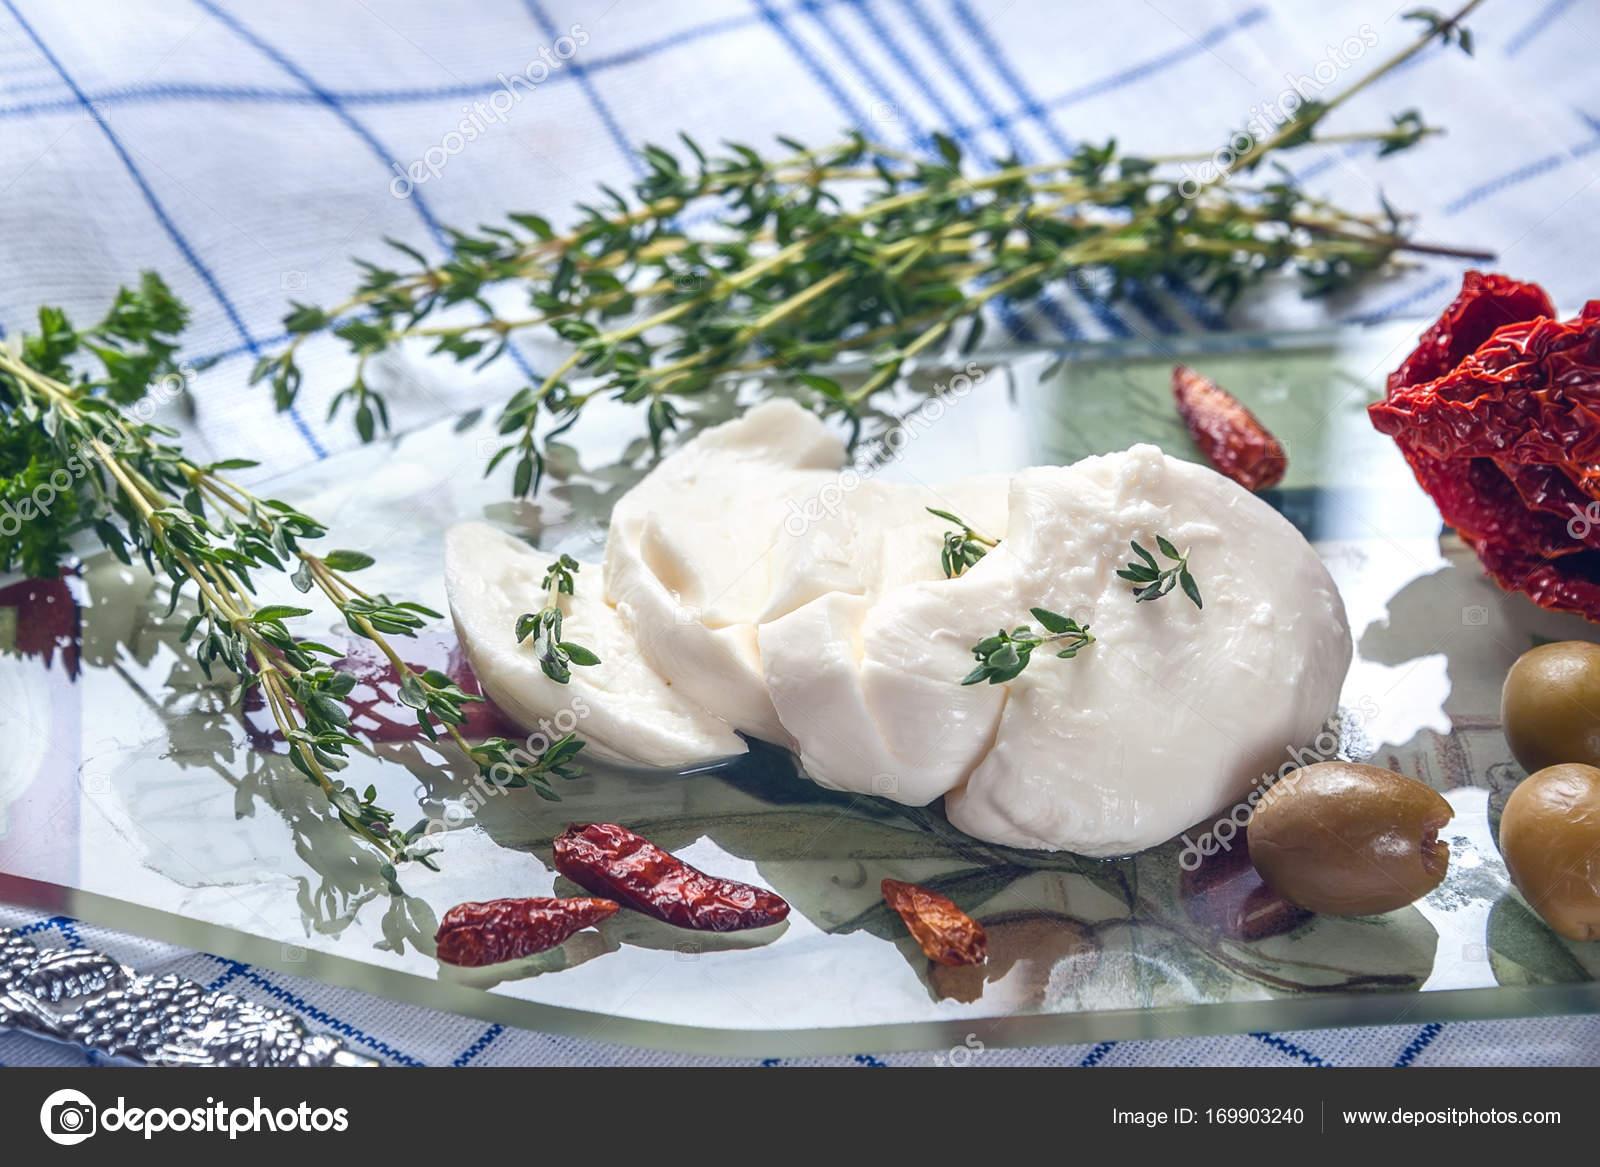 Tagliare un pezzo della mozzarella con timo erba, peperoncini e ...